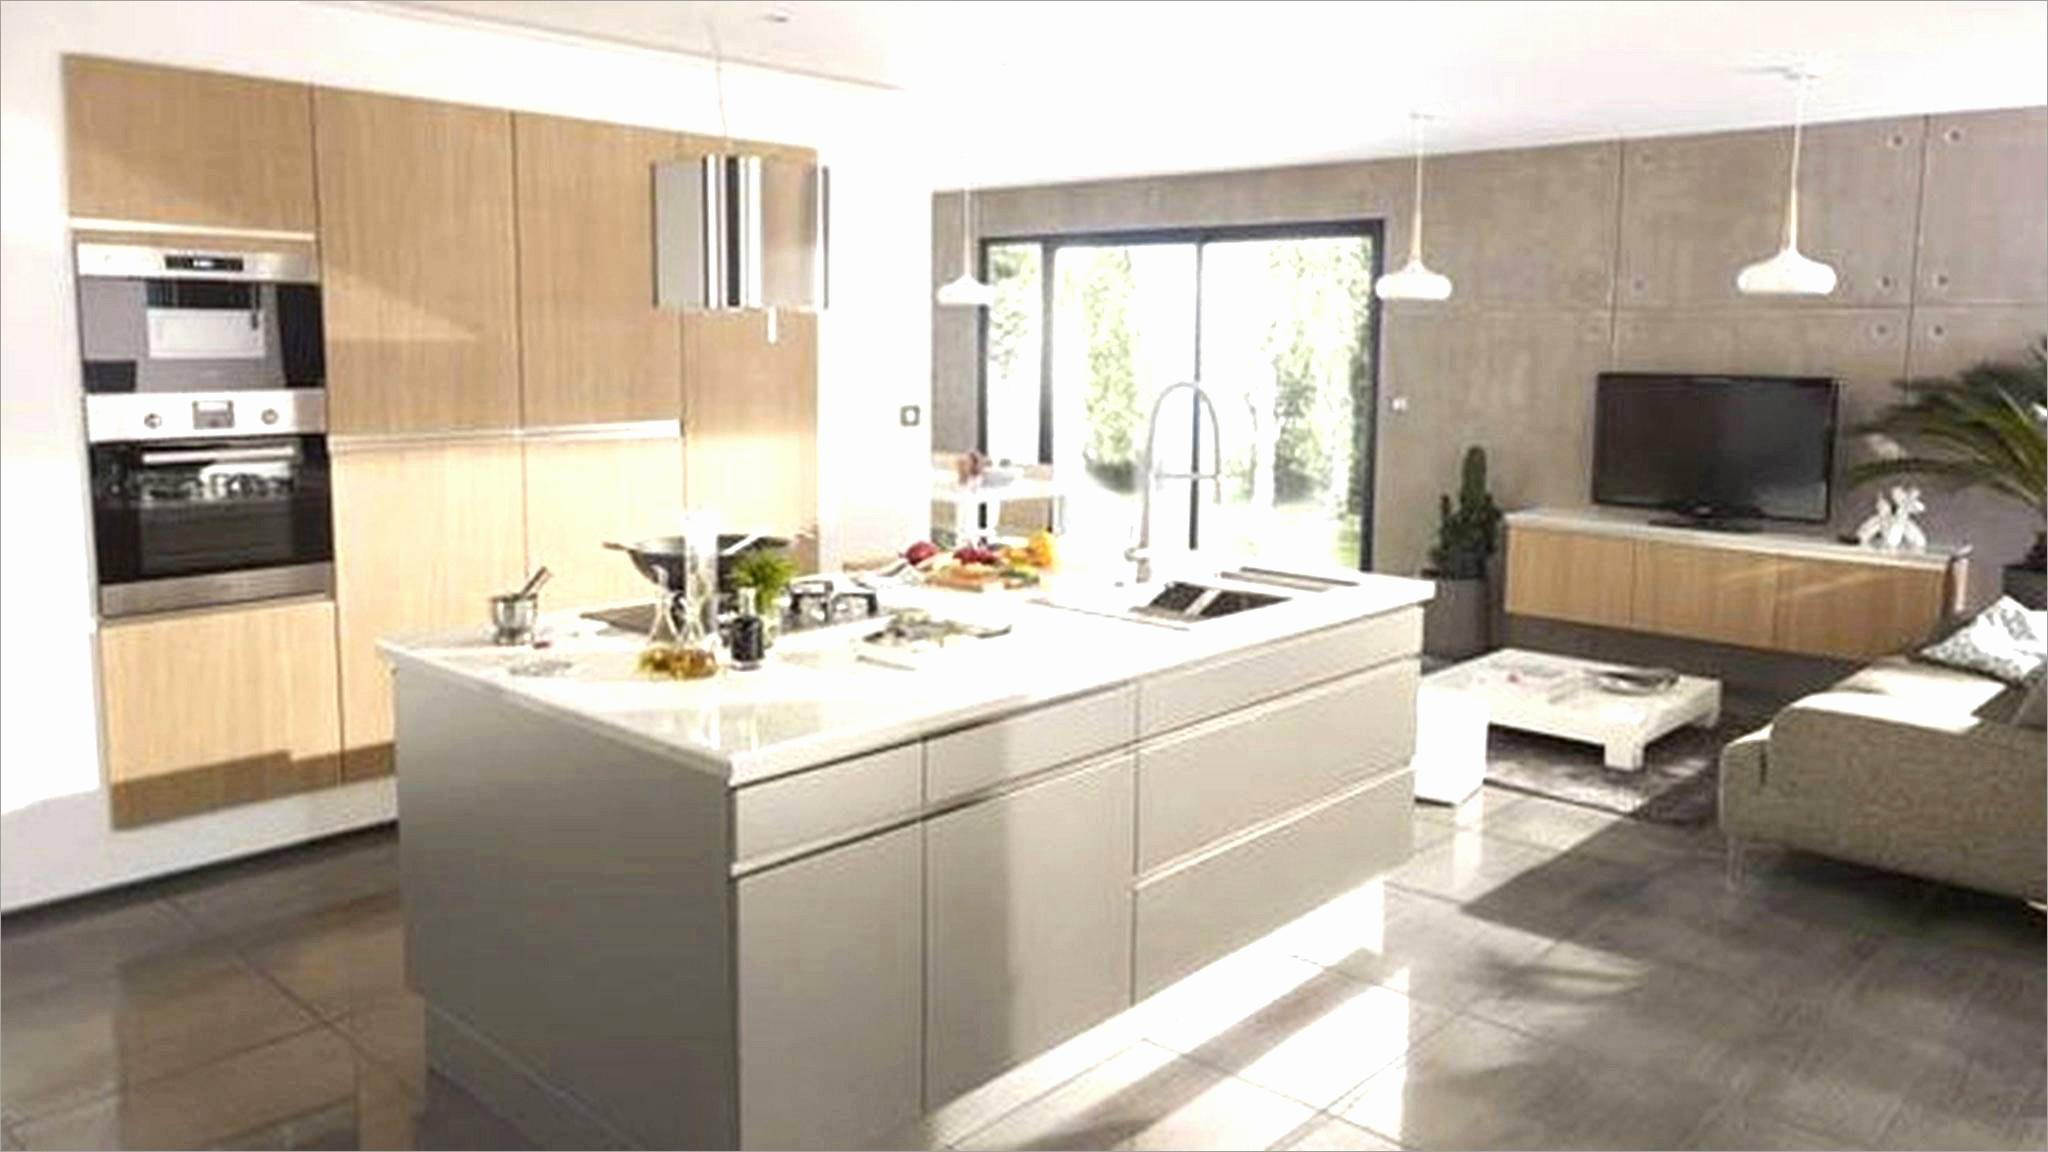 Castorama 3d Salle De Bain Nouveau Image 27 Inspirant De Casto 3d Cuisine